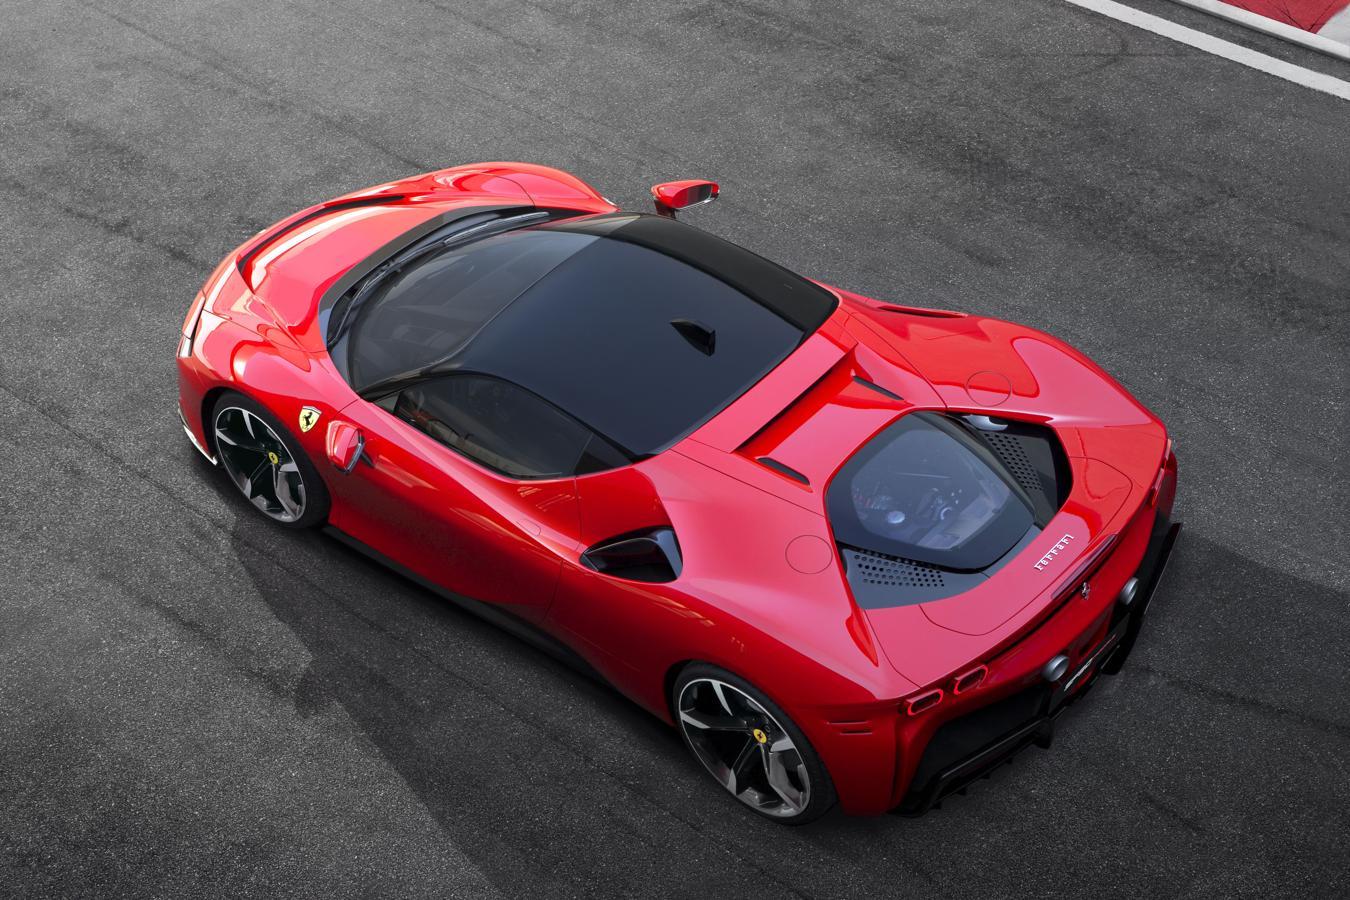 Ferrari s9 Stradale